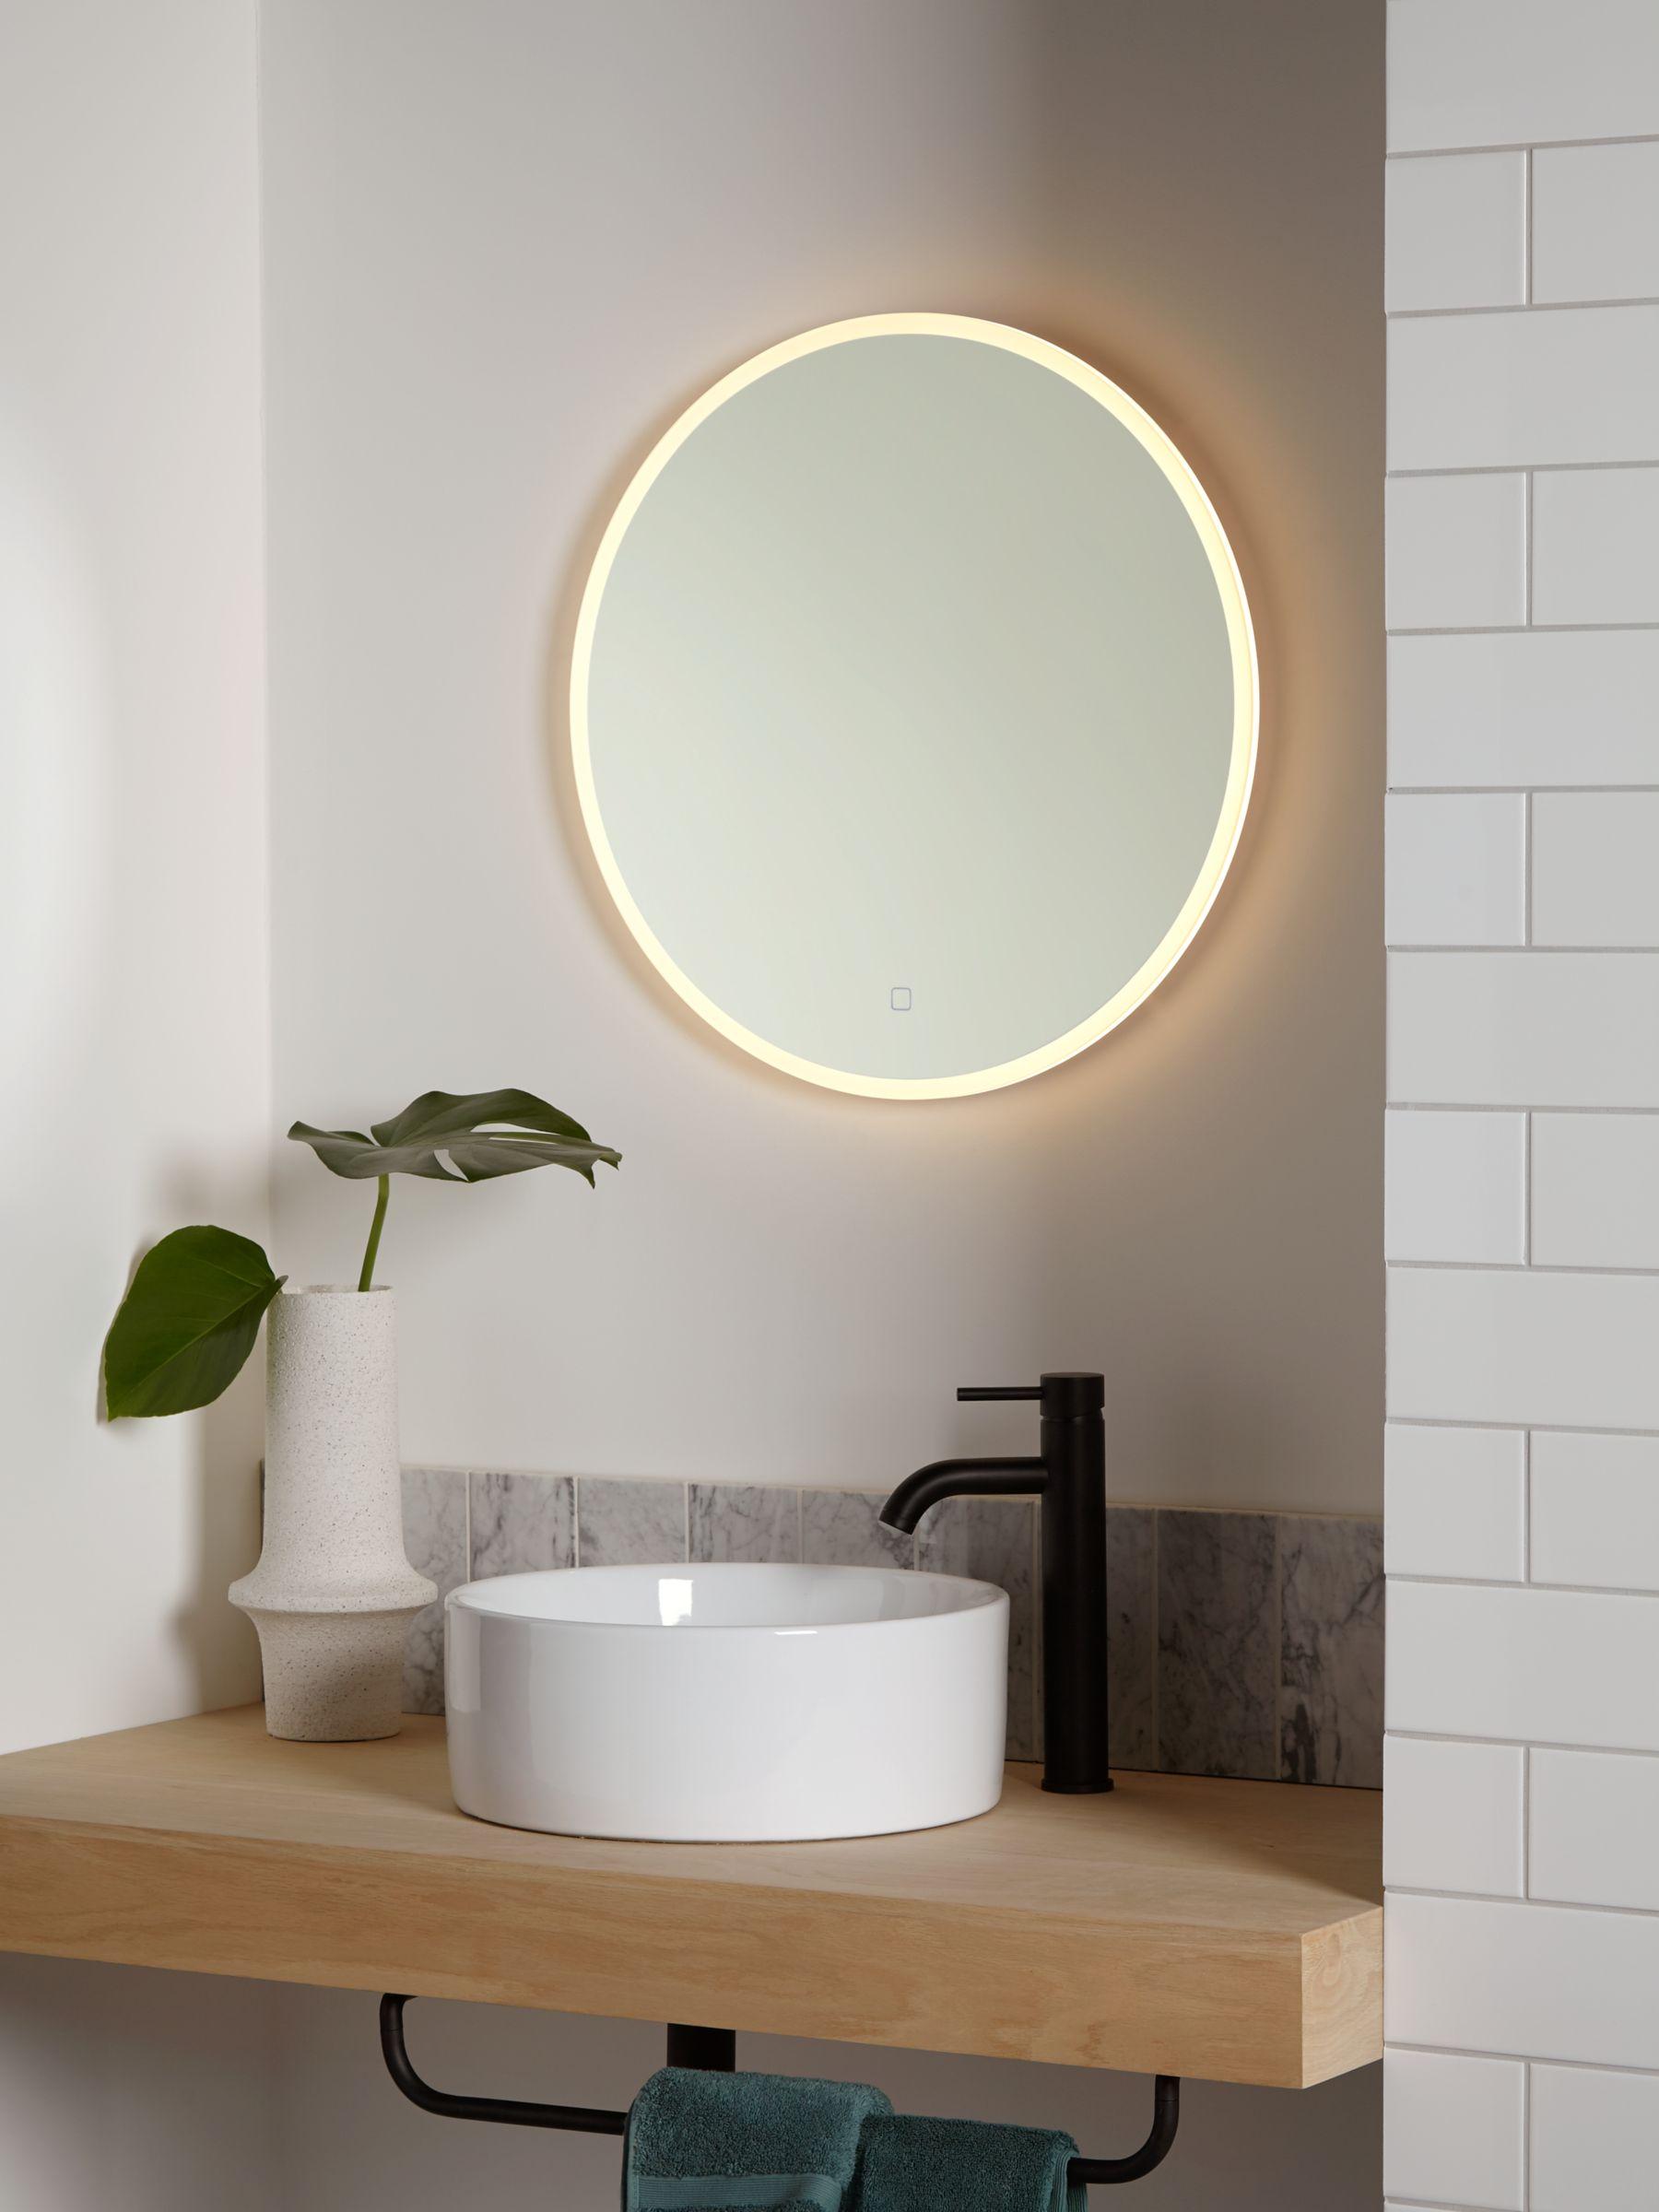 Aura Wall Mounted Illuminated Bathroom